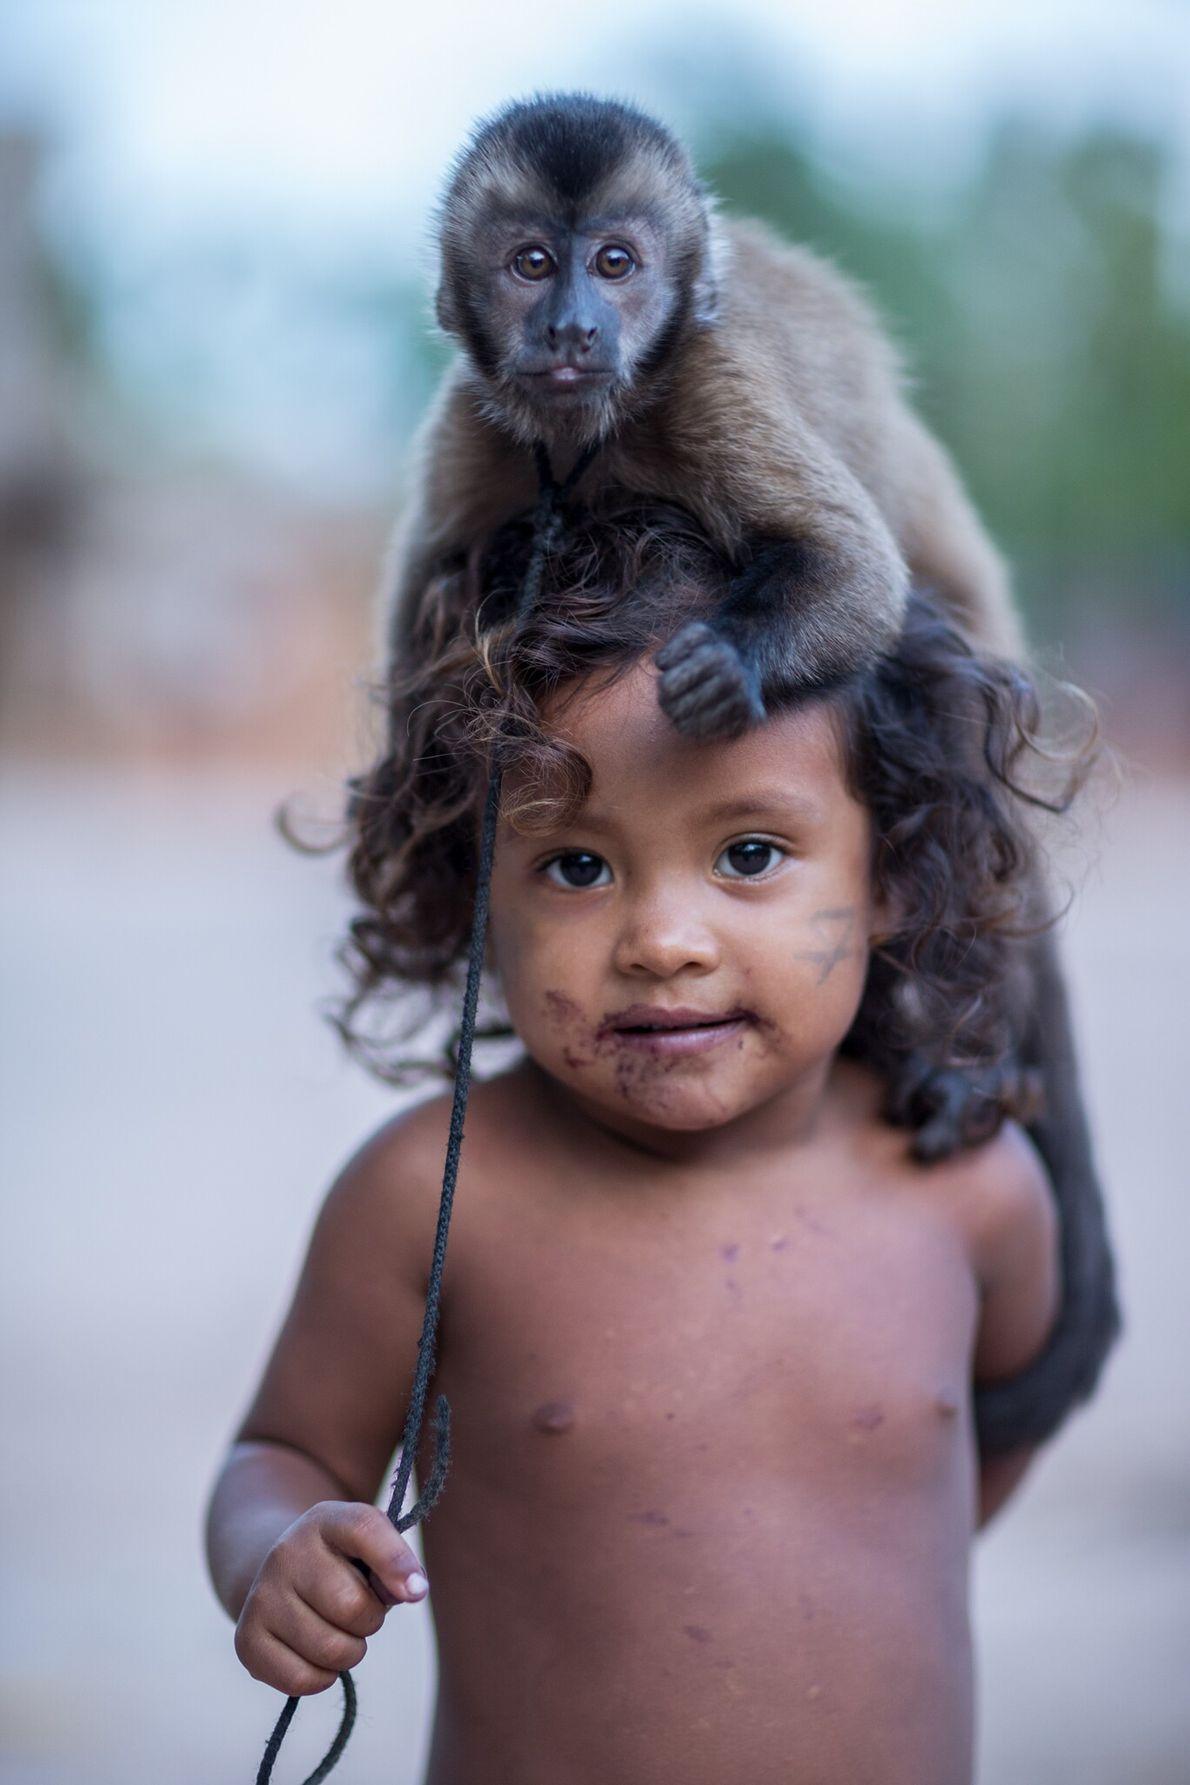 Gazielly posa con un capuchino marrón de Guyana, la mascota de la familia. Vive en la comunidad ...